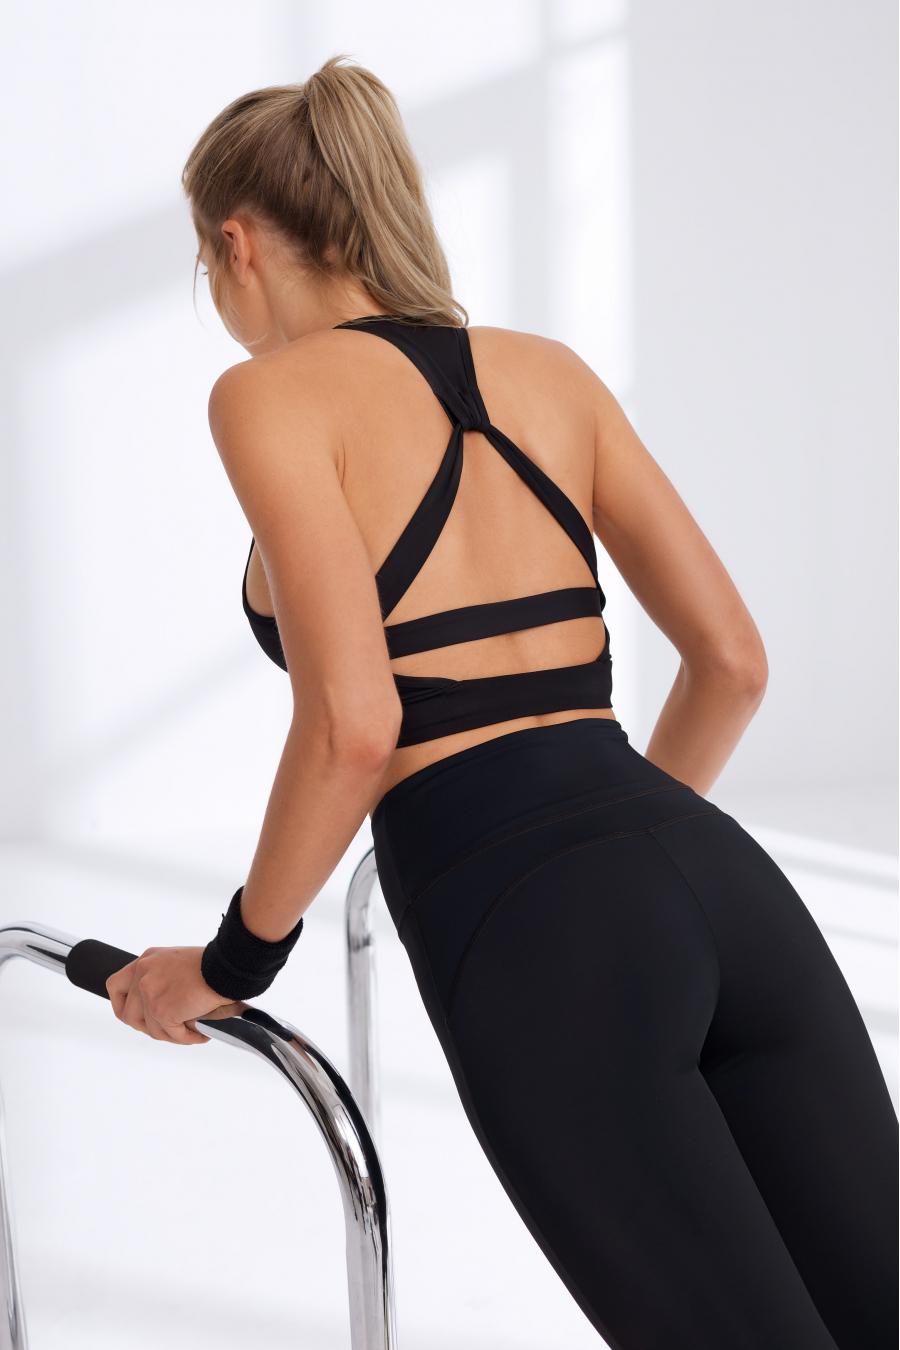 Sırtı Detaylı Siyah Sporcu Sütyeni / Spor Bra